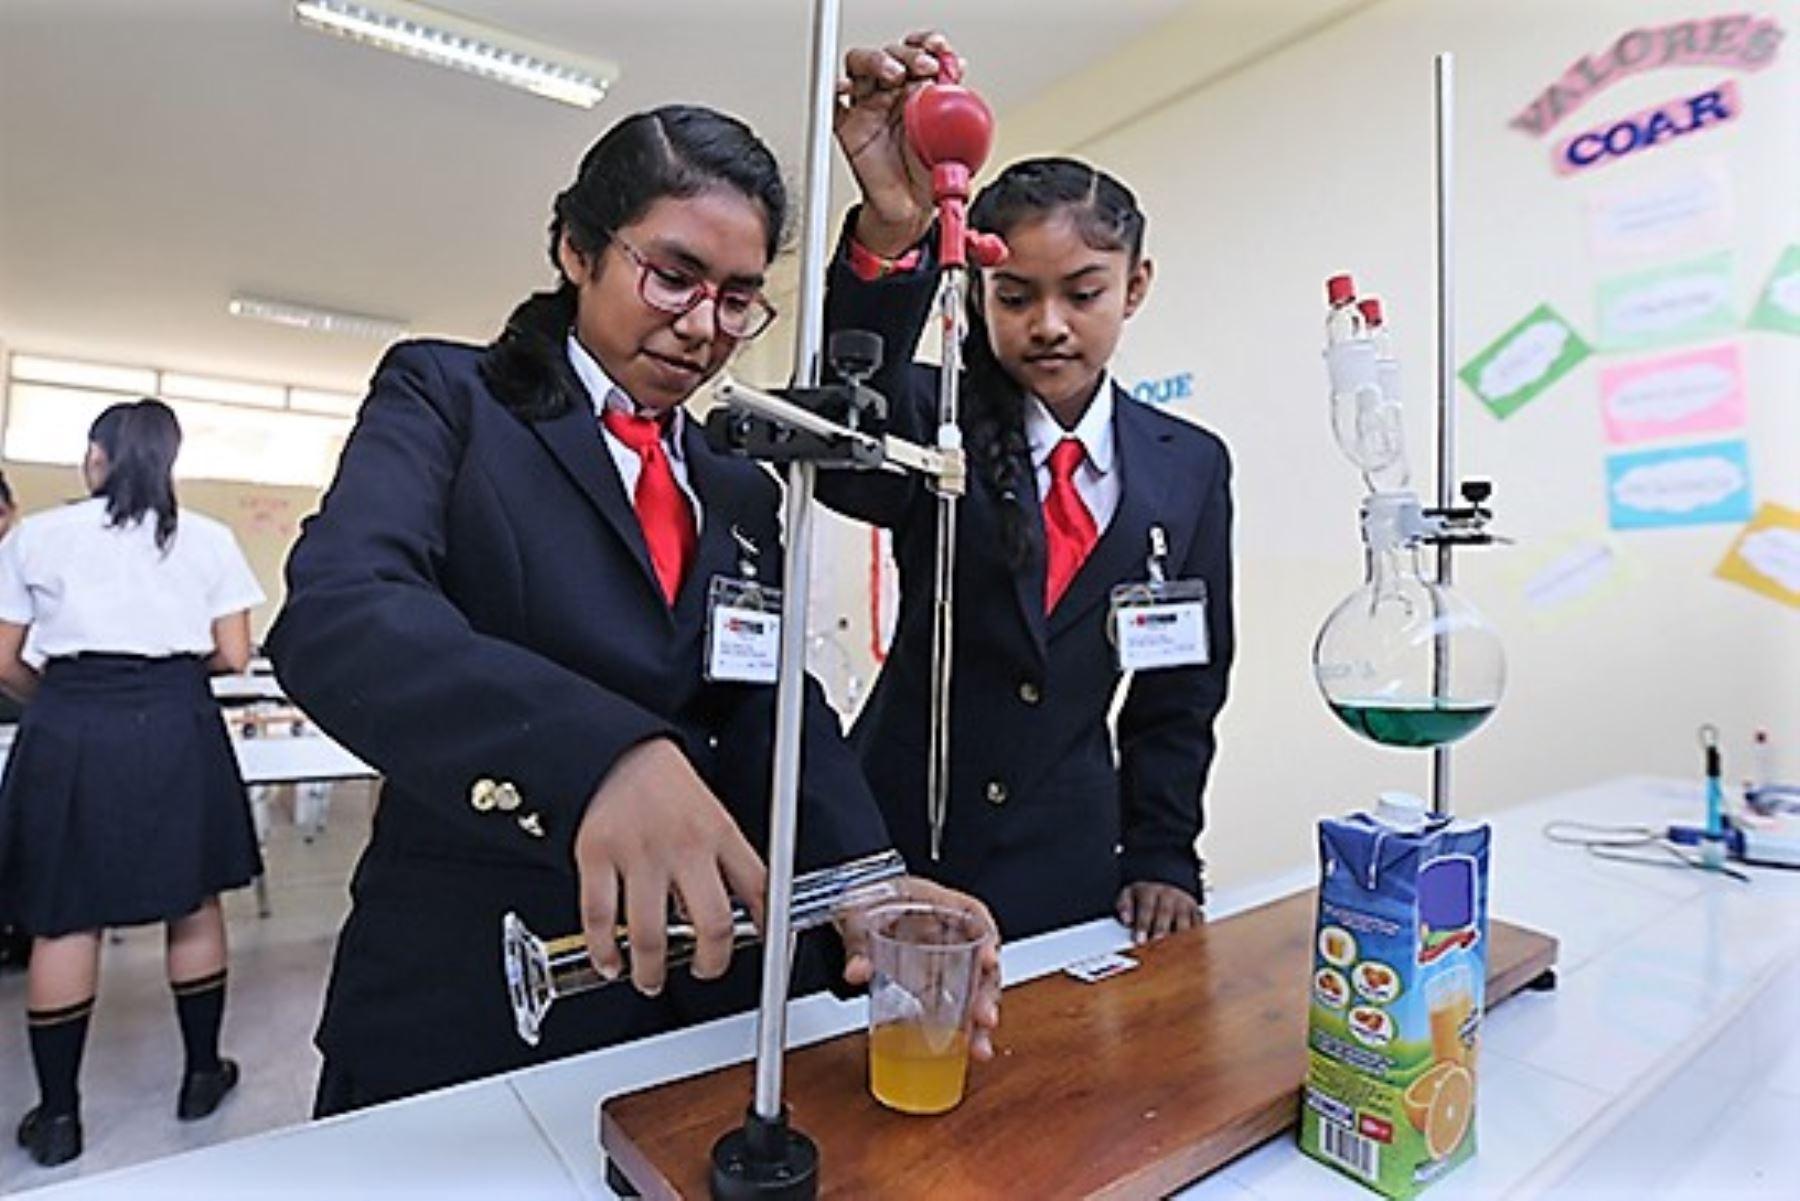 Los 25 COAR que funcionan en todo el país mantendrán su alumnado durante el 2021, aseguró el Ministerio de Educación.